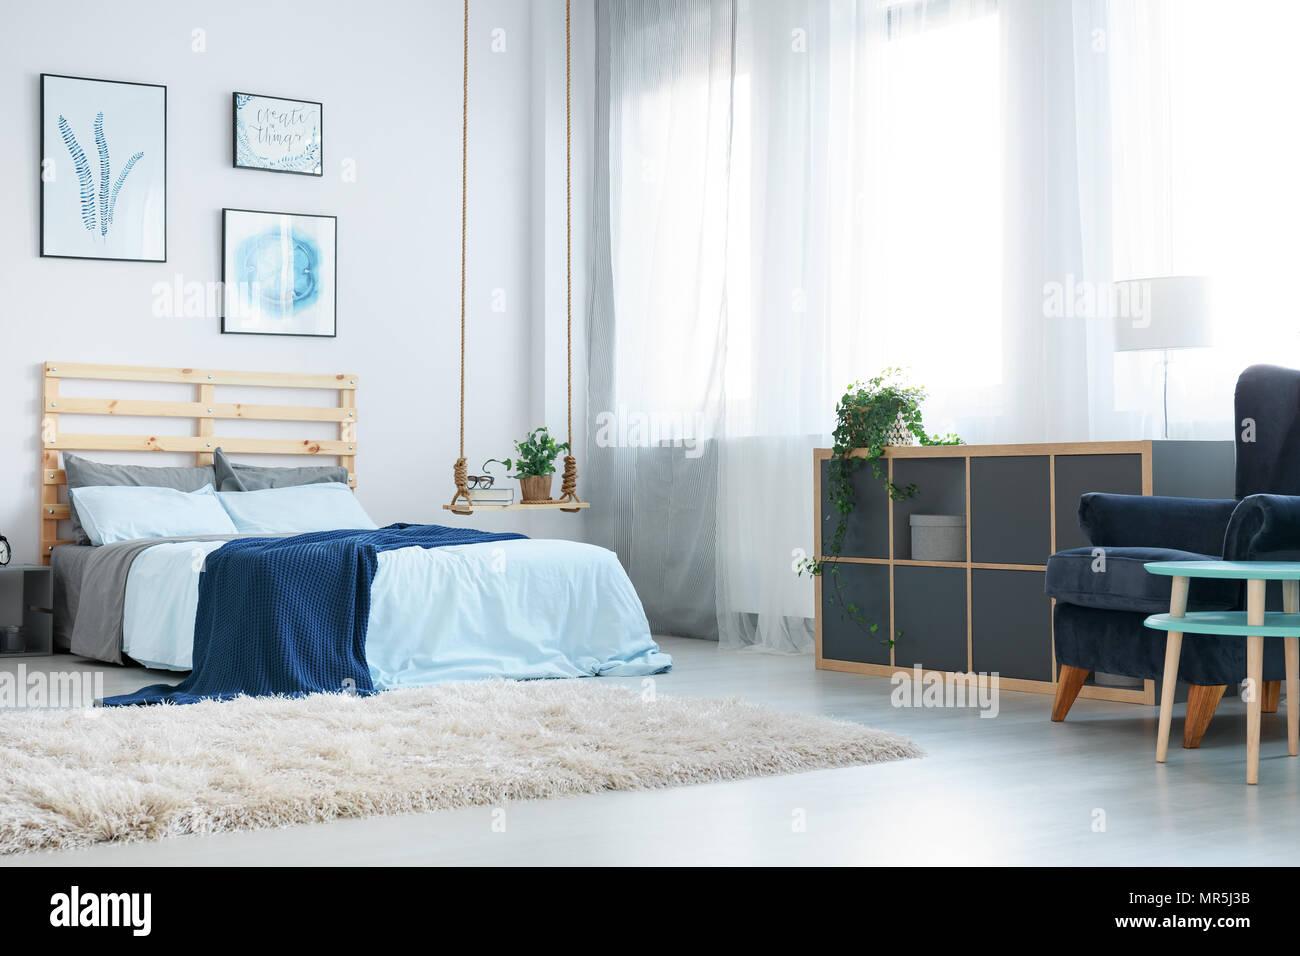 Weiß Schlafzimmer mit dekorativen Wand Poster, Fenster ...